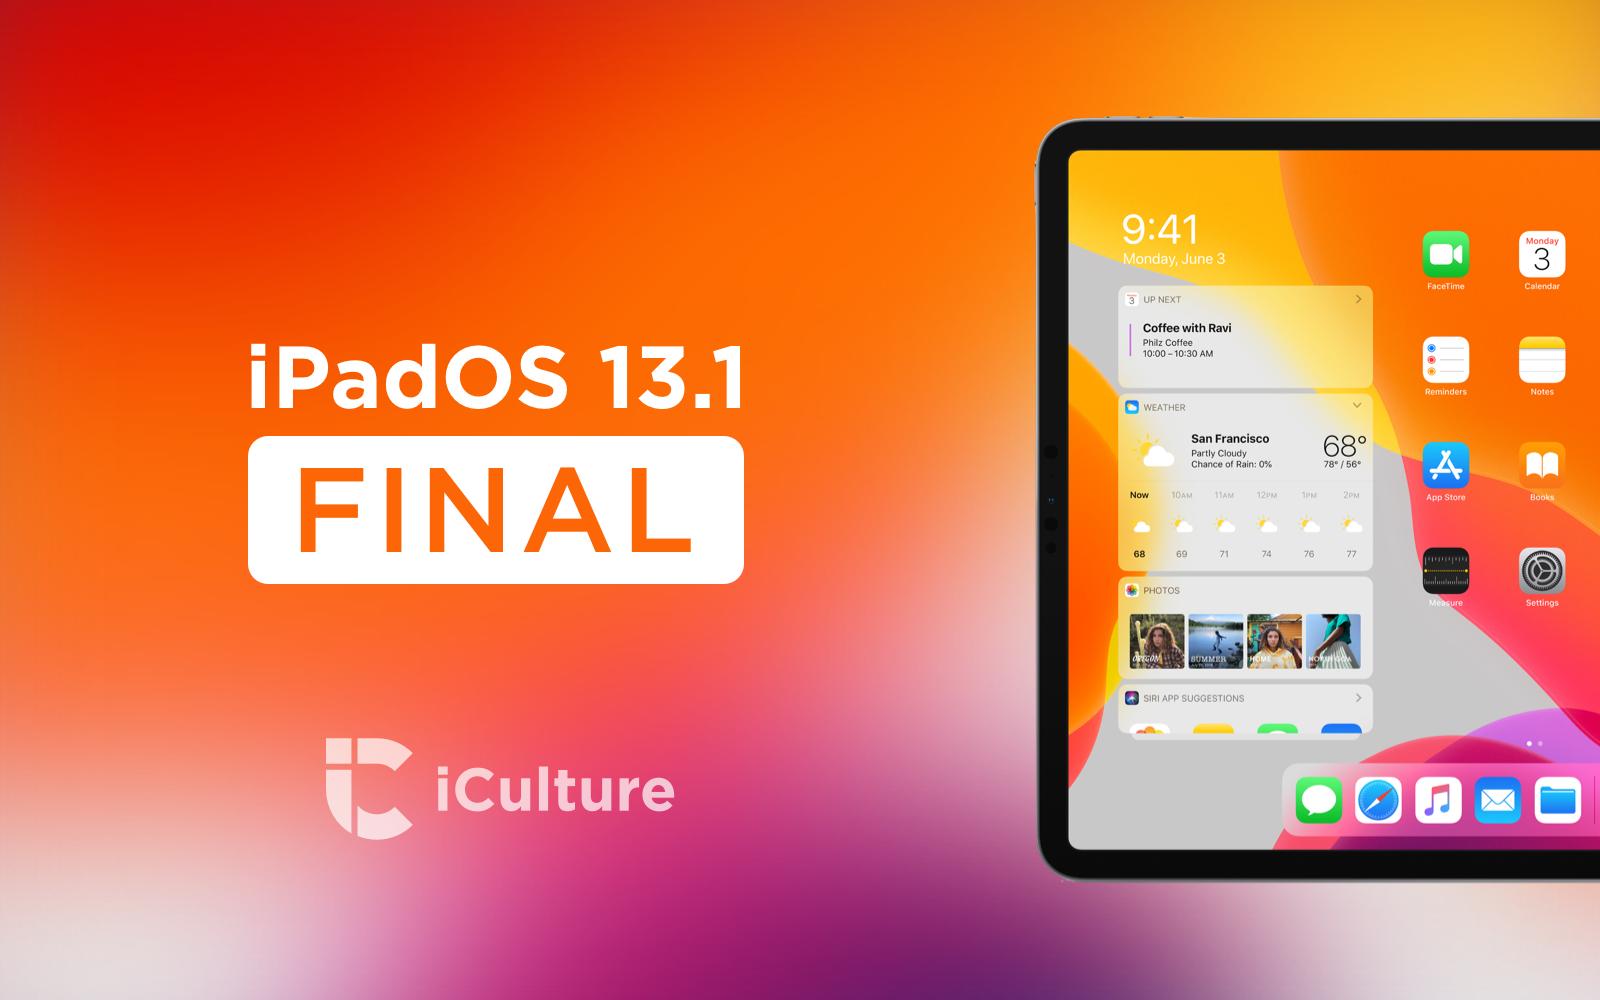 iPadOS 13.1 Final.